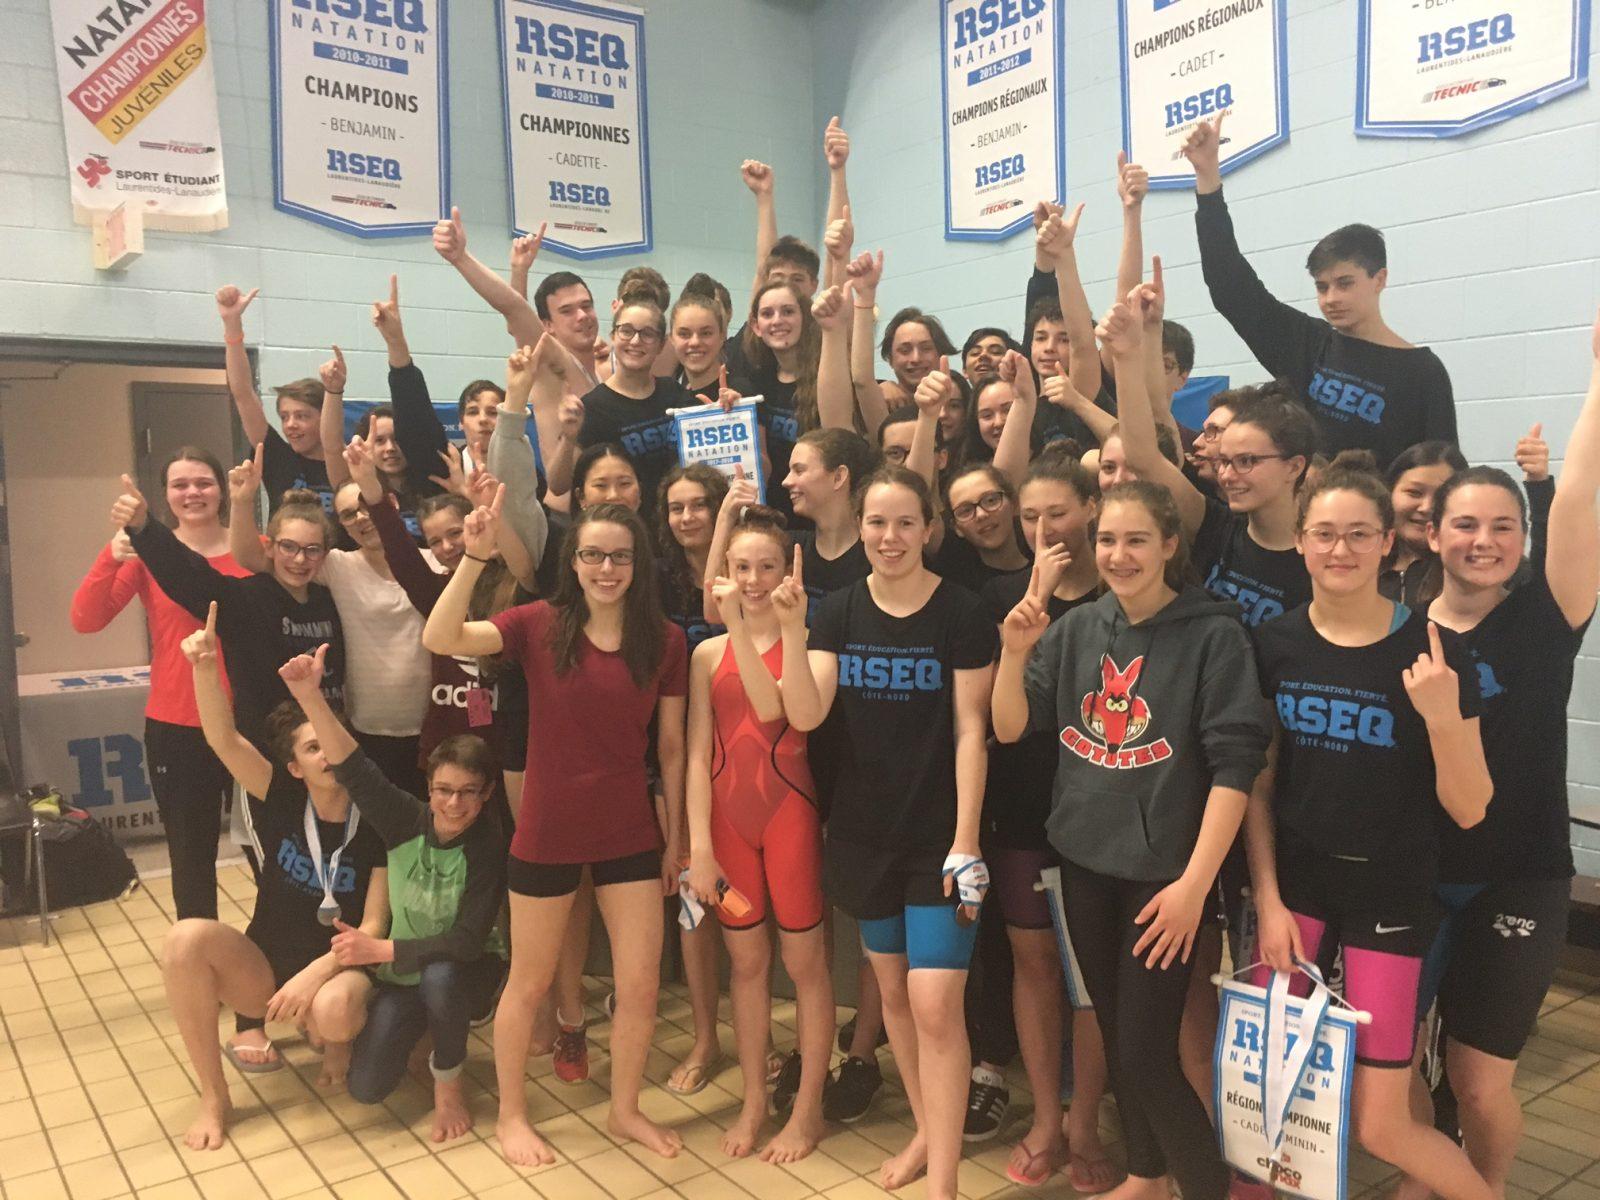 Championnat provincial de natation du RSEQ : la Côte-Nord décroche la bannière!